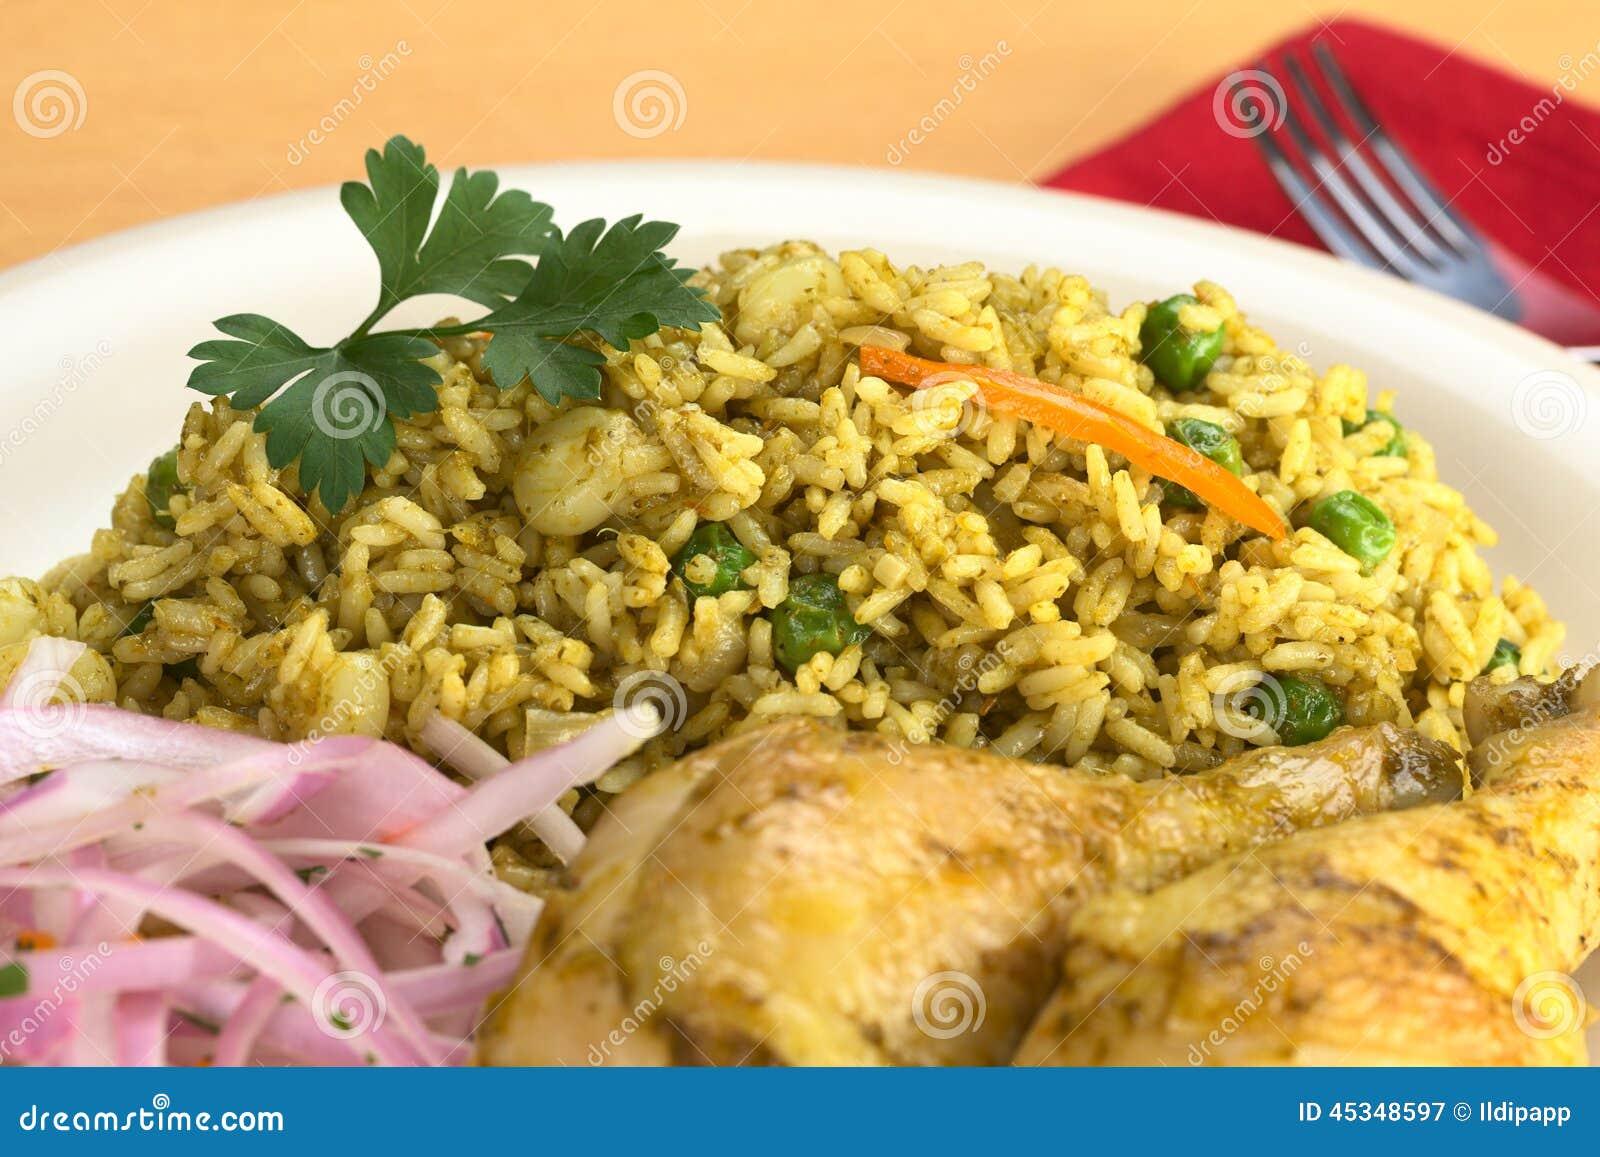 Peruvian Arroz Con Pollo (Rice With Chicken) Stock Photo - Image ...